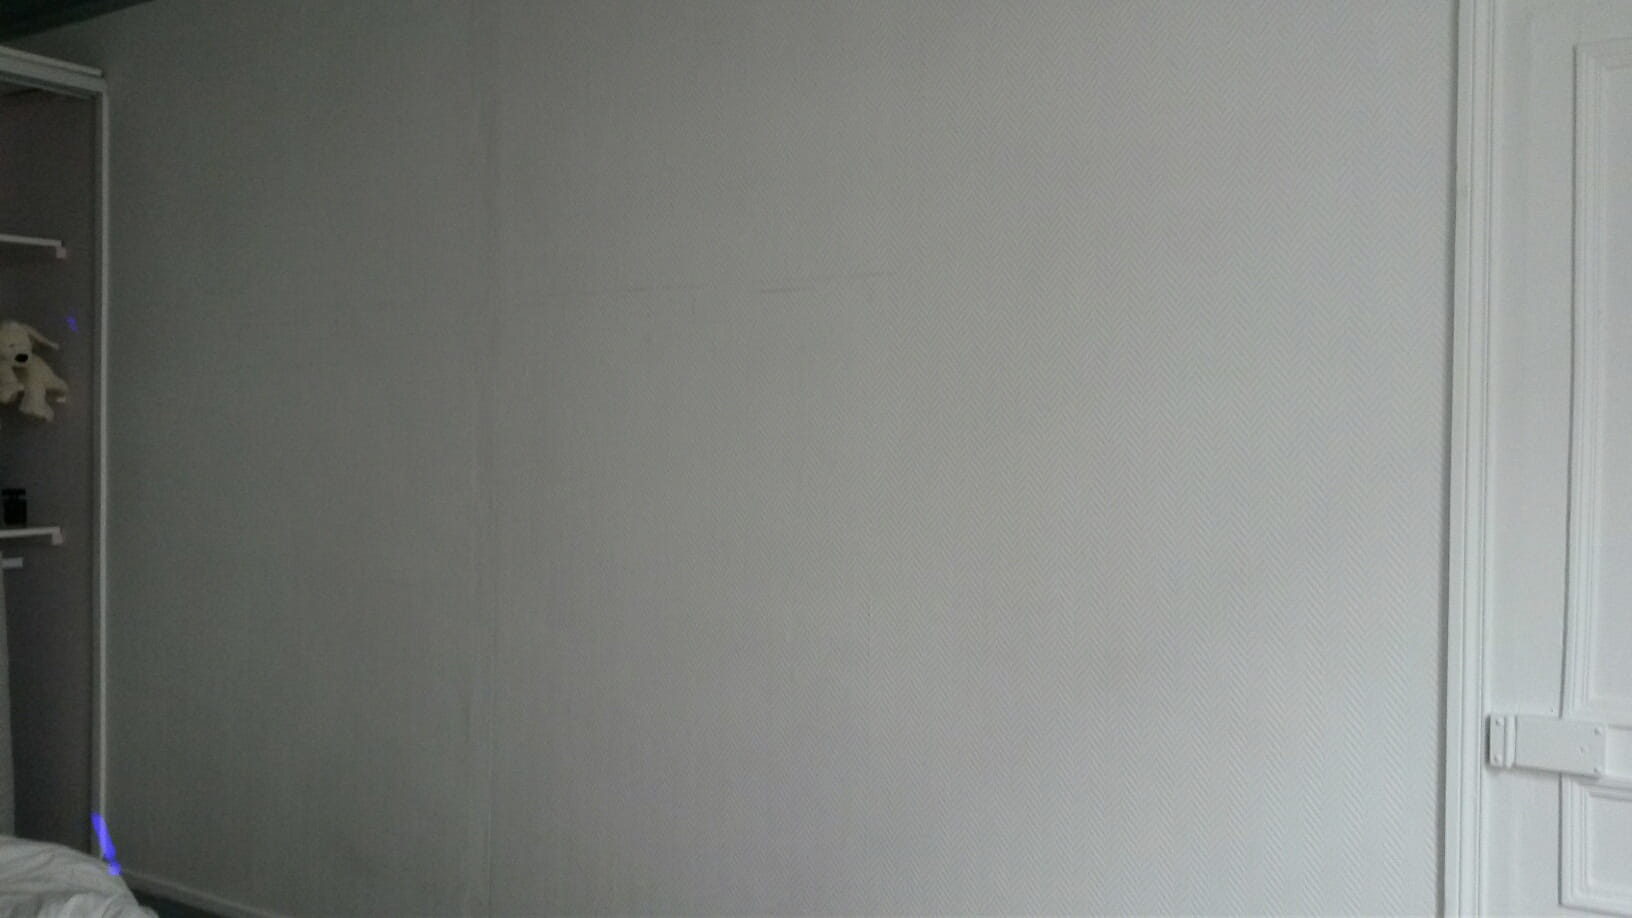 merci par avance pour votre retour ci dessous les photos - Isolation Phonique Mur Appartement